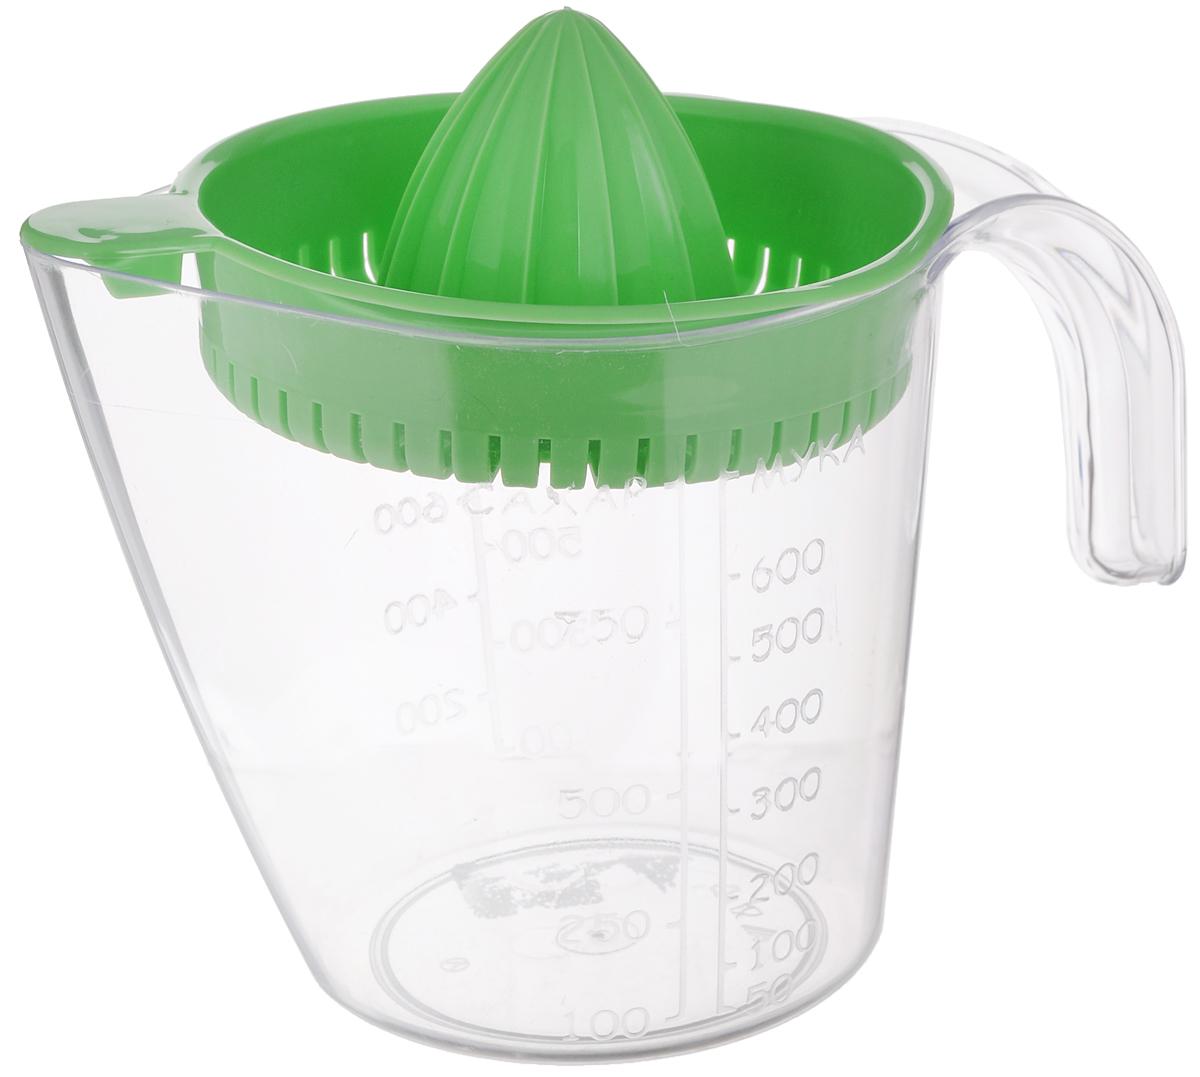 Соковыжималка для цитрусовых Альтернатива, ручная, с мерным стаканом, цвет: зеленый, 1,1 лM380Ручная соковыжималка для цитрусовых Альтернатива, изготовленная из пластика, станет полезным аксессуаром на любой кухне. Она идеально подойдет для мелких и крупных цитрусовых фруктов. Достаточно разрезать фрукты пополам, зафиксировать на держателе и покрутить. Сок выливается в мерный стакан, входящий в комплект. Простая и удобная в использовании соковыжималка Альтернатива займет достойное место среди кухонного инвентаря. Размер соковыжималки: 16 см х 13,5 см х 6 см.Объем мерного стакана: 1100 мл.Диаметр стакана по верхнему краю: 13 см.Высота стакана: 13,5 см.